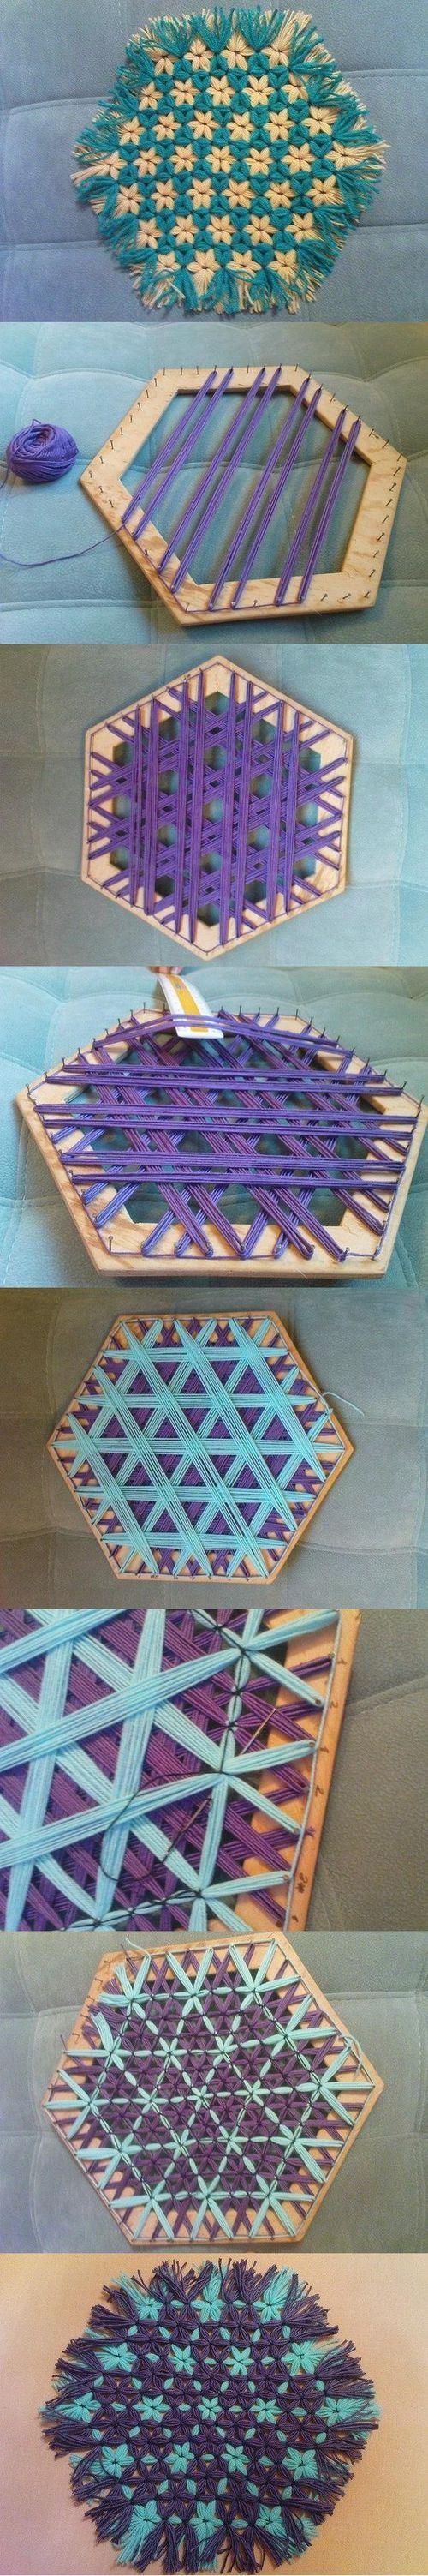 DIY Beautiful Hexagonal Coaster DIY Projects / UsefulDIY.com...or rug